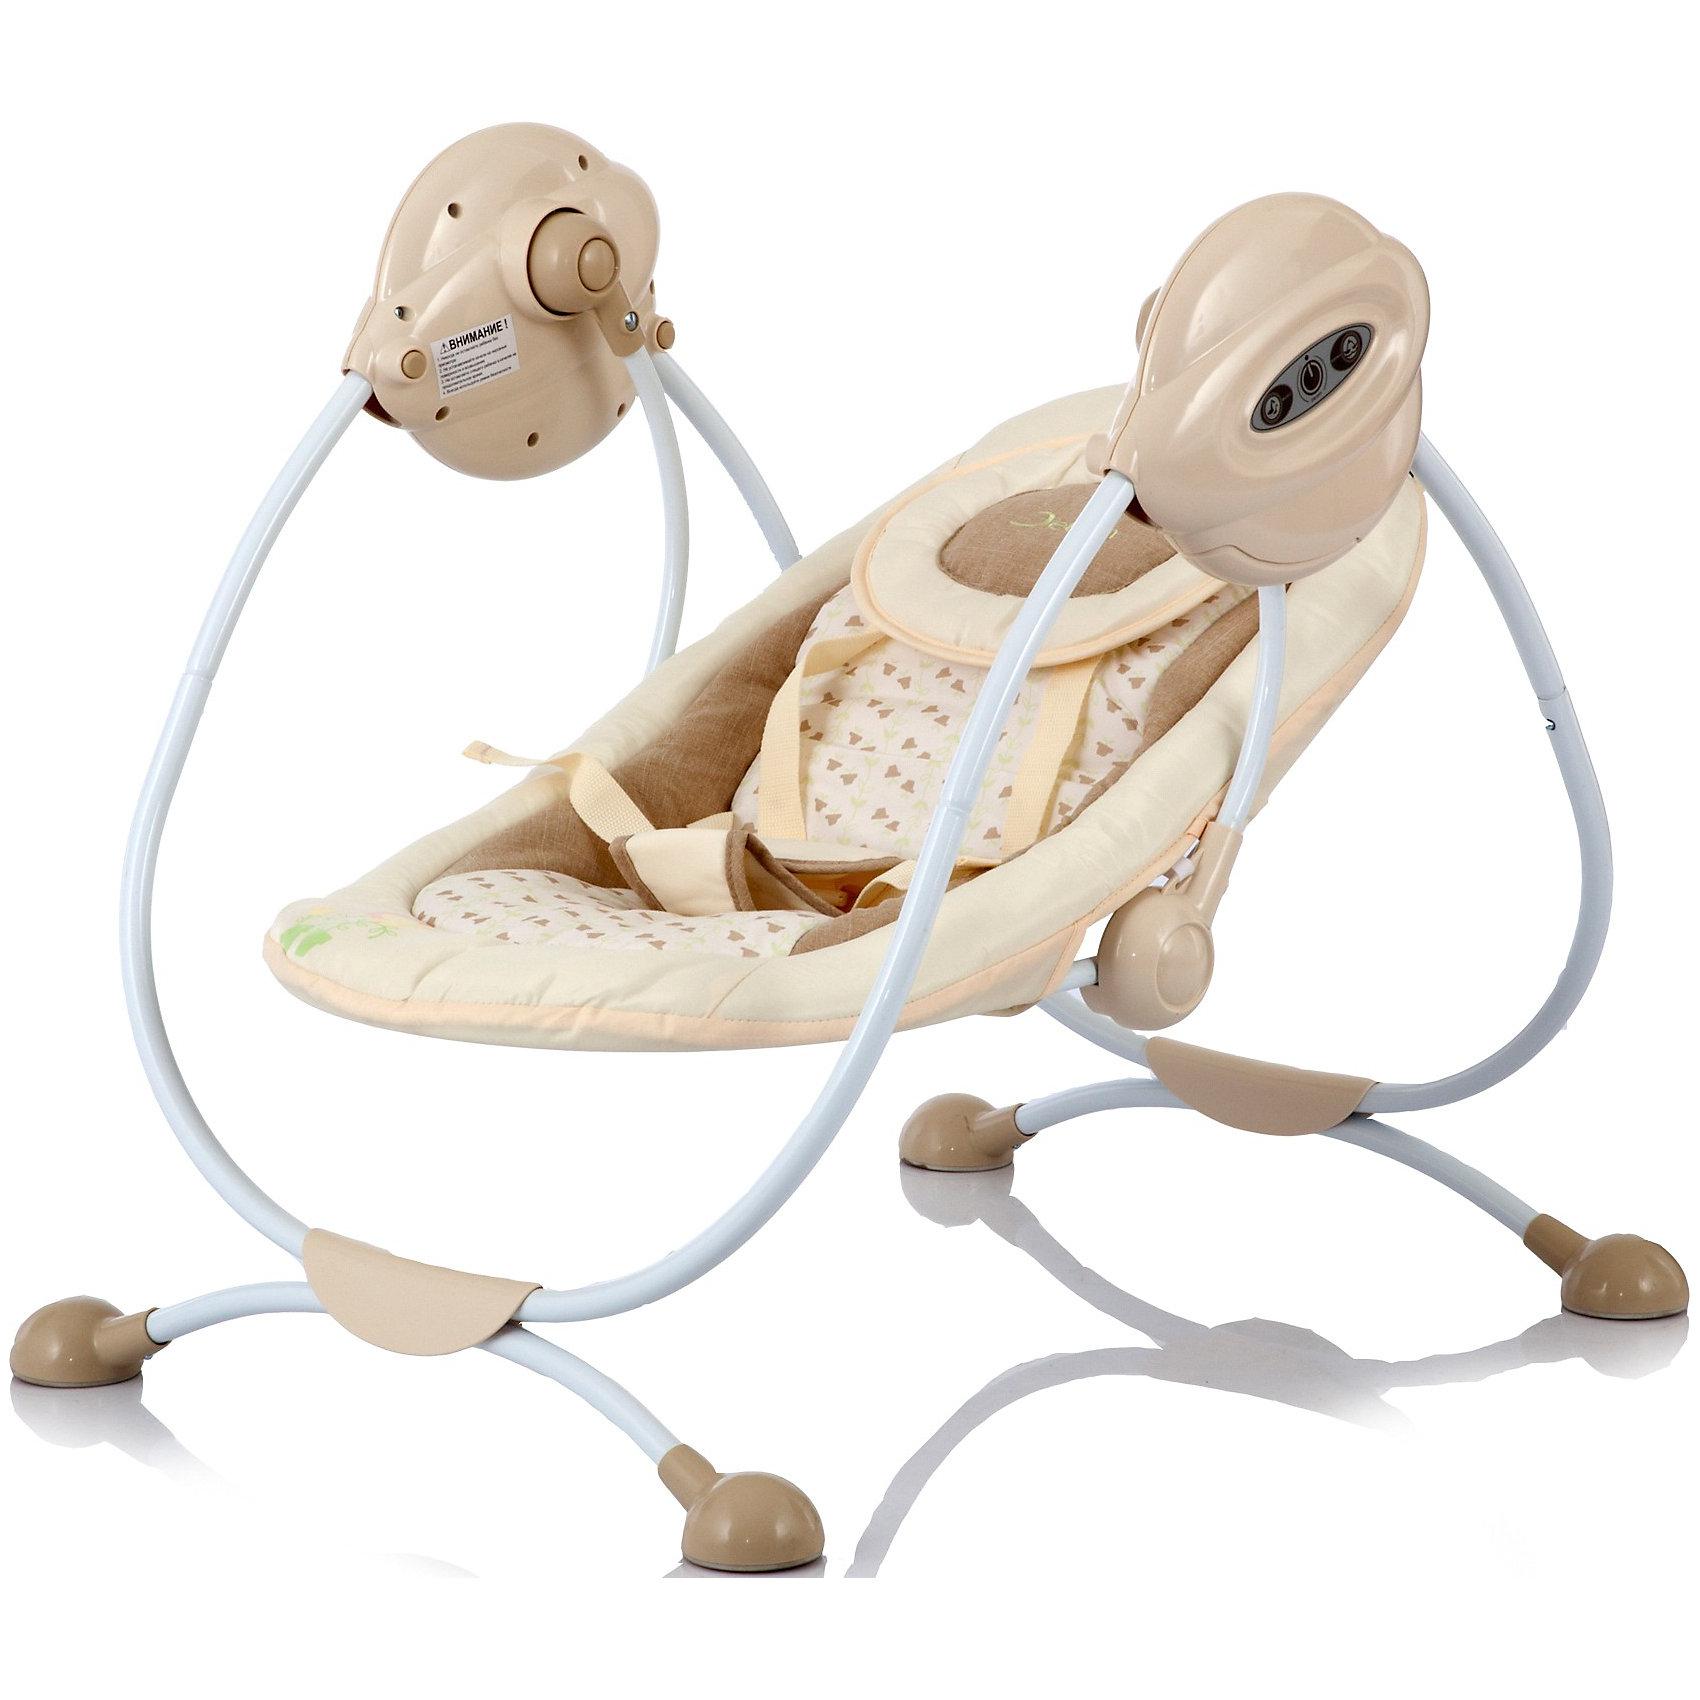 Электрокачели Surf с адаптером, Jetem, бежевыйКомфортные электрокачели для малышей. Есть 3 скорости укачивания и музыкальный блок с 3-мя мелодиями - все самое необходимое, чтобы успокоить ребенка перед сном. Спинку сидения можно регулировать в двух положениях: от комфортного горизонтального для младенца, до полулежачего для уже подросшего малыша. 5-точечные ремни безопасности надежно зафиксируют ребенка в кресле, при этом не стеснив его движений. Съемный чехол легко стирается. Для удобства родителей качели оснащены таймером для остановки. <br><br>Дополнительная информация:<br><br>Рекомендованы для детей c рождения до 6 месяцев (весом до 11 кг)<br>Электронный музыкальный блок с 3-мя мелодиями (работает от 4 батареек типа LR14 или от сети);<br>Размер разложенного спального места: 74х40 см.<br>Размер качелей: 60х58х73 см<br>Вес качелей 5 кг.<br>Адаптер для подключения к электросети в комплект<br><br><br><br>Электрокачели Surf с адаптером, Jetem (Жетем), бежевый можно купить в нашем магазине.<br><br>Ширина мм: 730<br>Глубина мм: 580<br>Высота мм: 600<br>Вес г: 4120<br>Цвет: бежевый<br>Возраст от месяцев: 0<br>Возраст до месяцев: 6<br>Пол: Унисекс<br>Возраст: Детский<br>SKU: 3872051